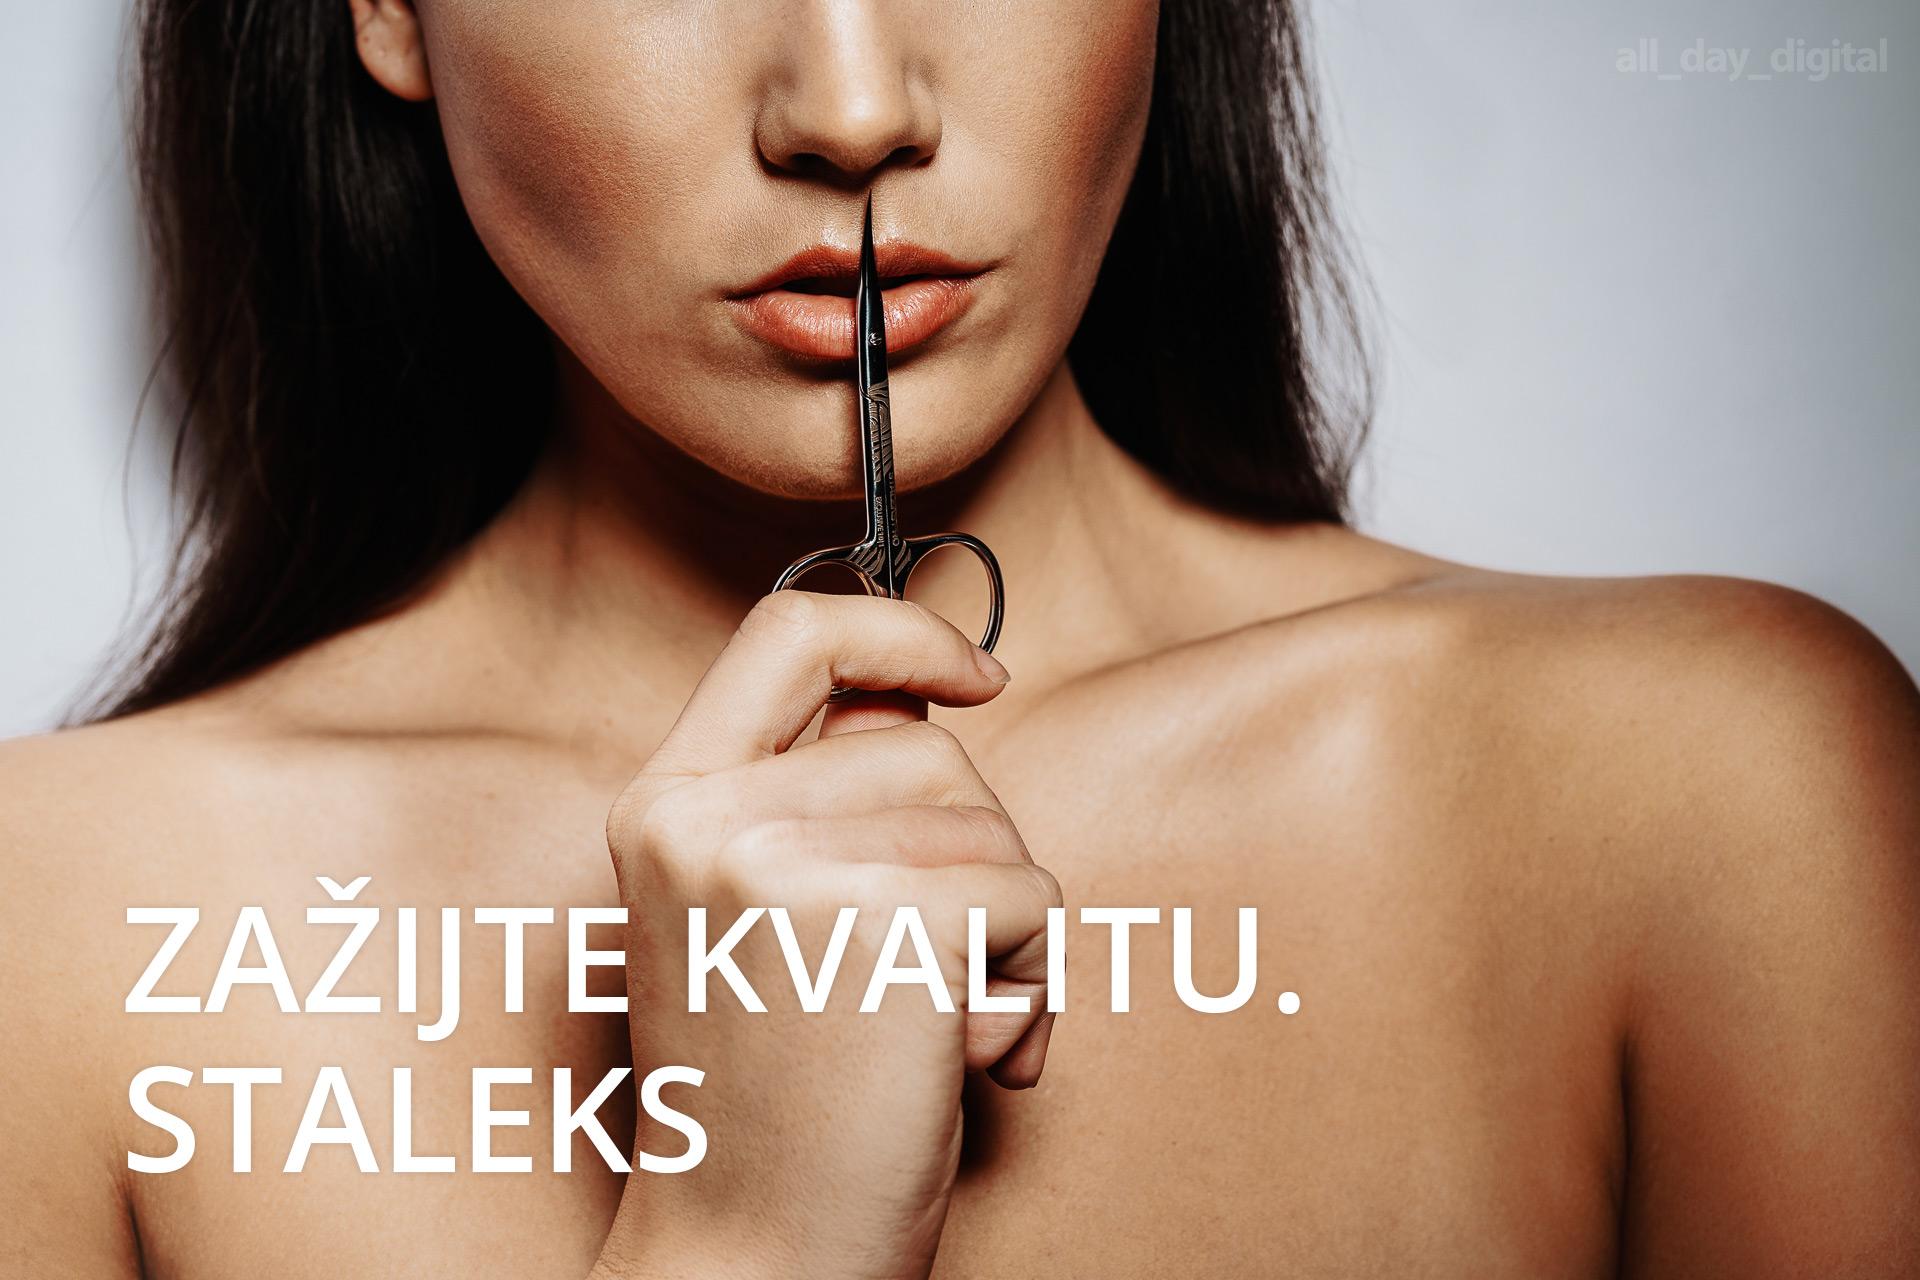 staleks-photo-koncovy-klient